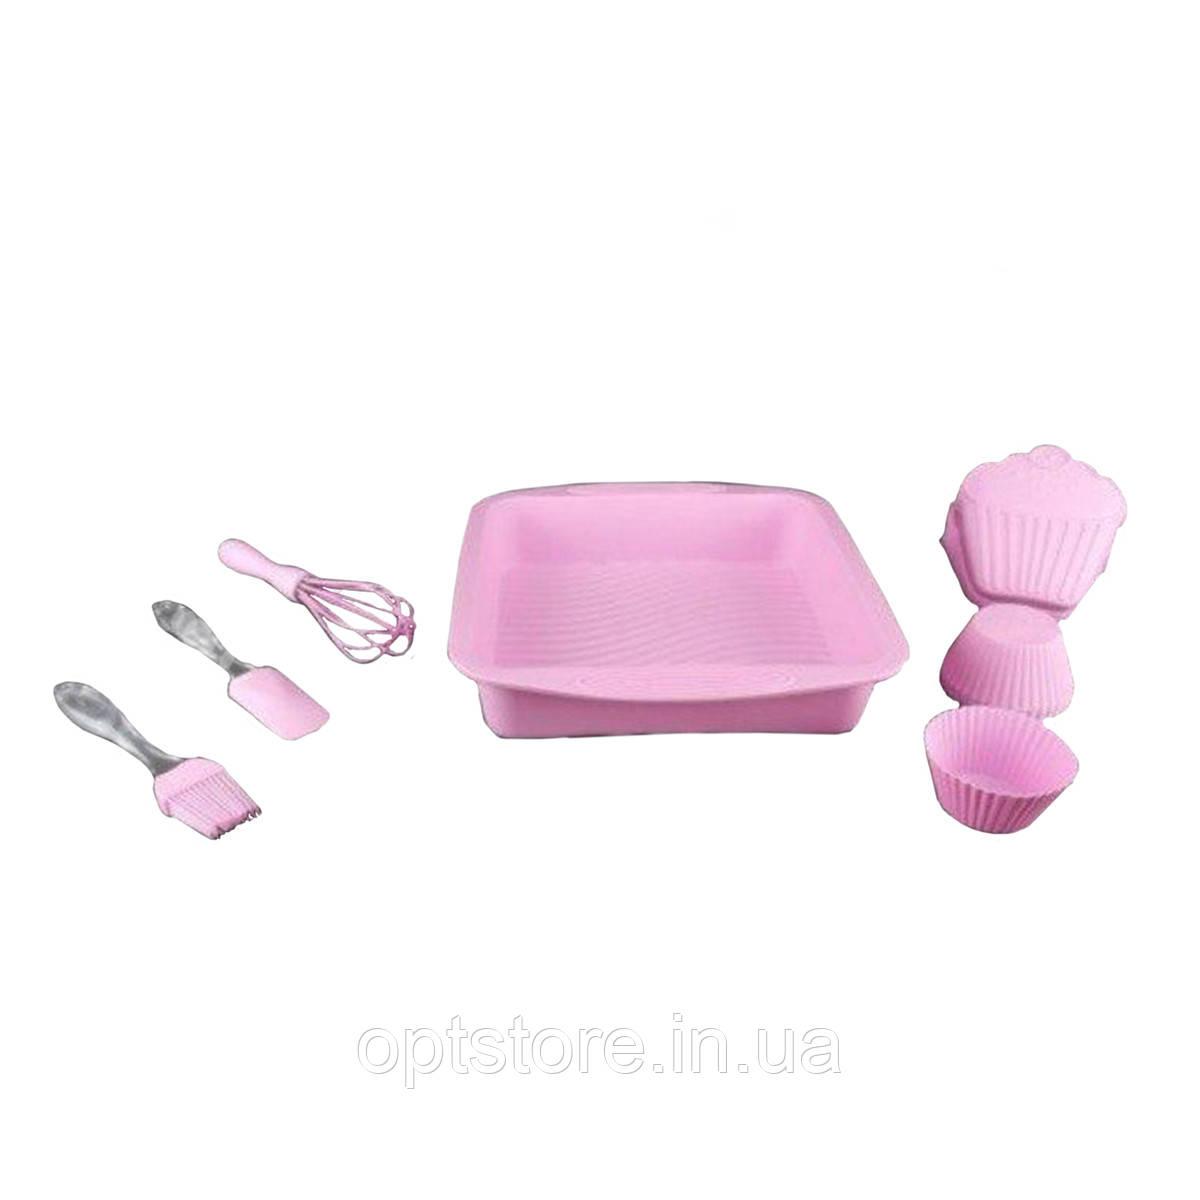 Набор силиконовый лопатка,венчик,кисть,прихватка,формы для приготовления пищи